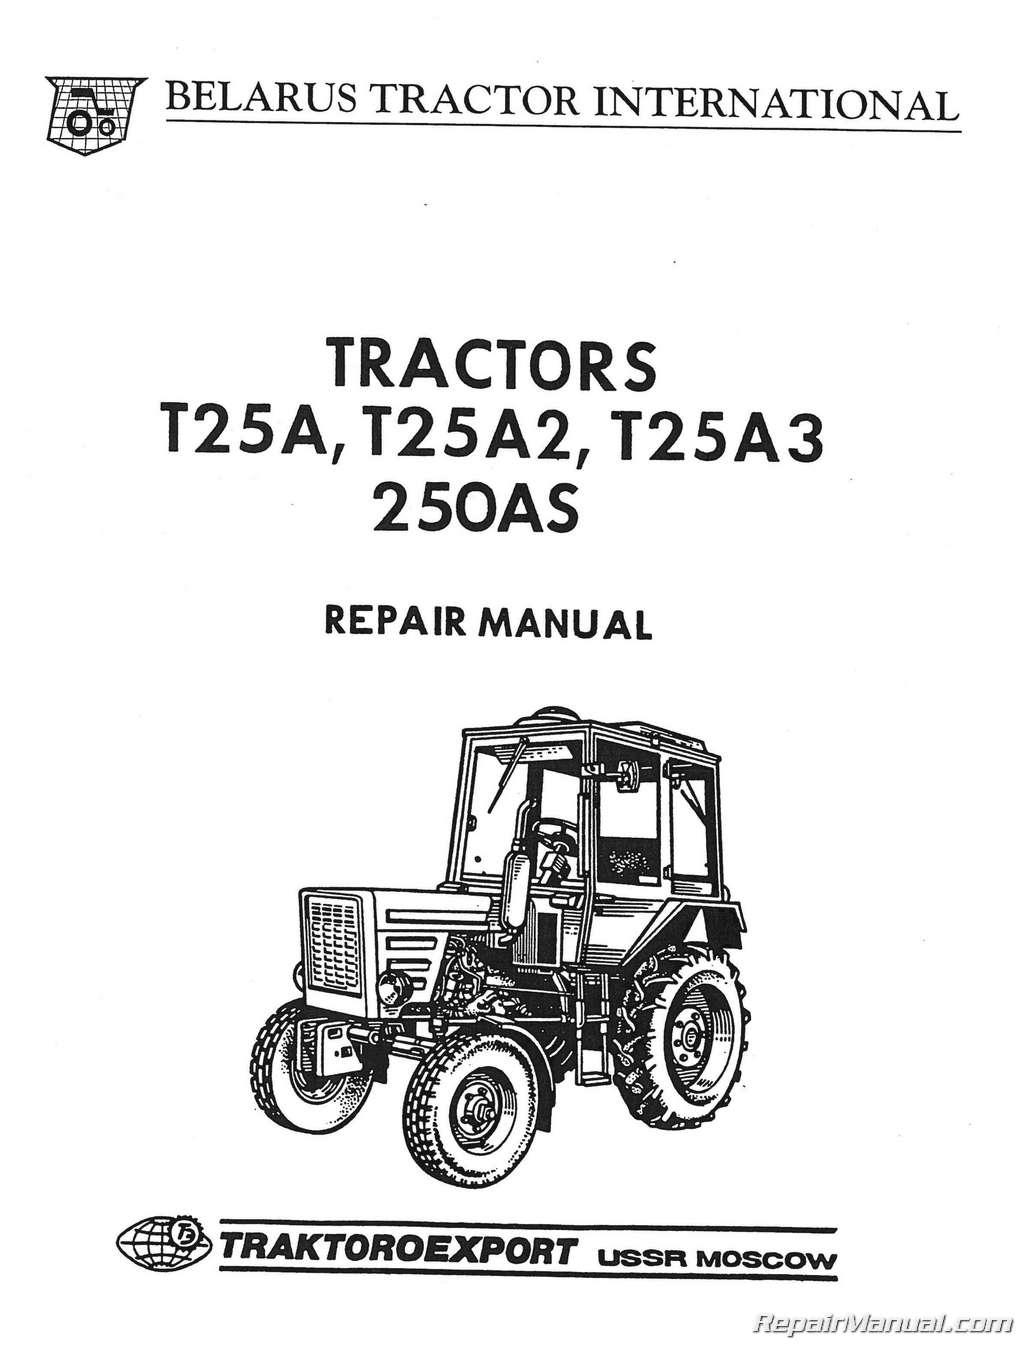 Belarus T25a T25a2 T25a3 250as 2 4w Diesel Tractor Service